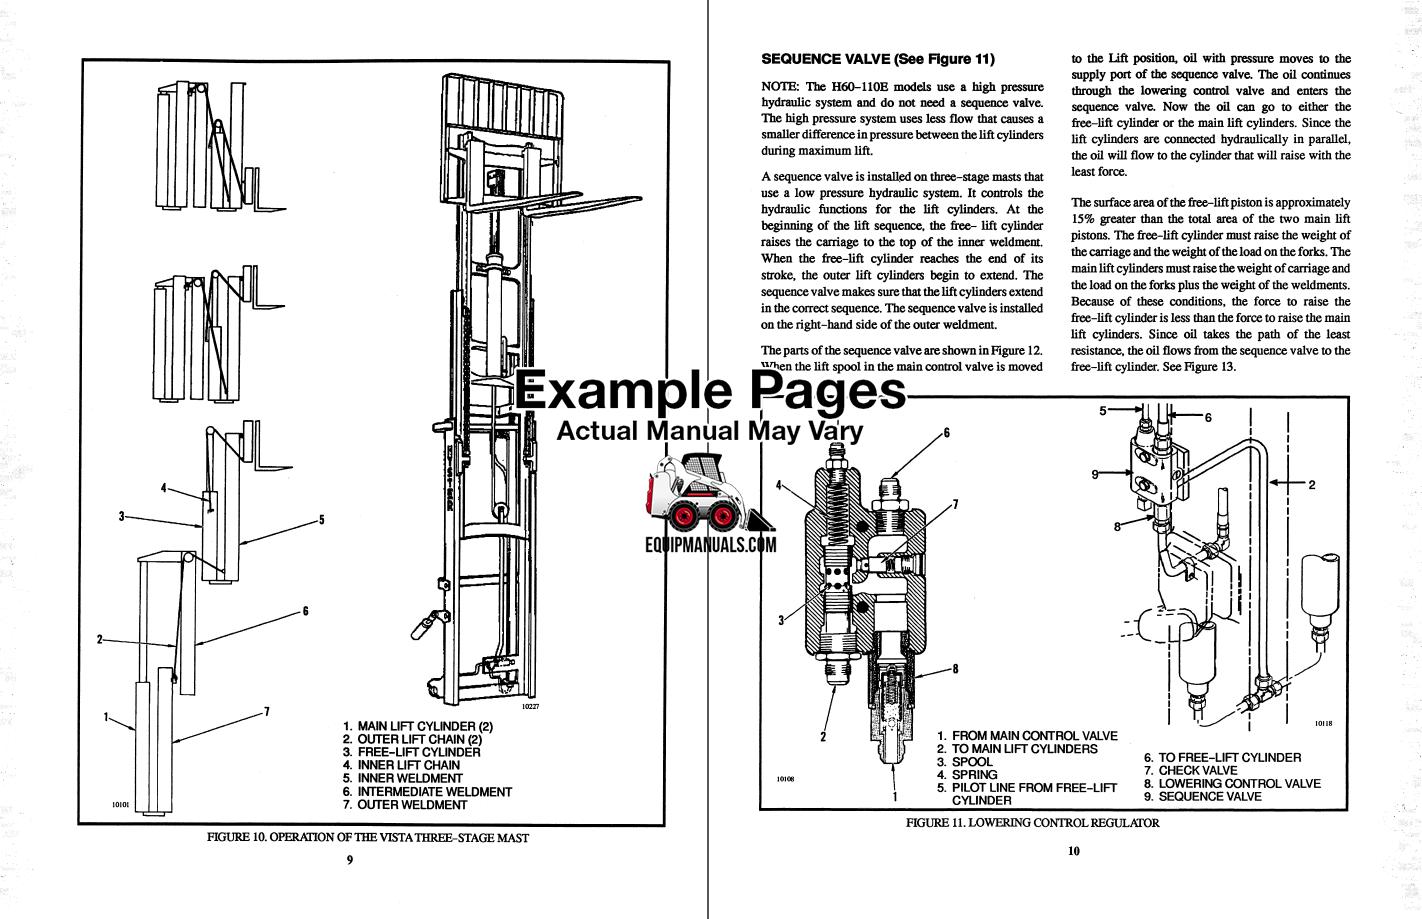 Hyster S30E, S40E, S50E, S60ES Forklift Service Manual